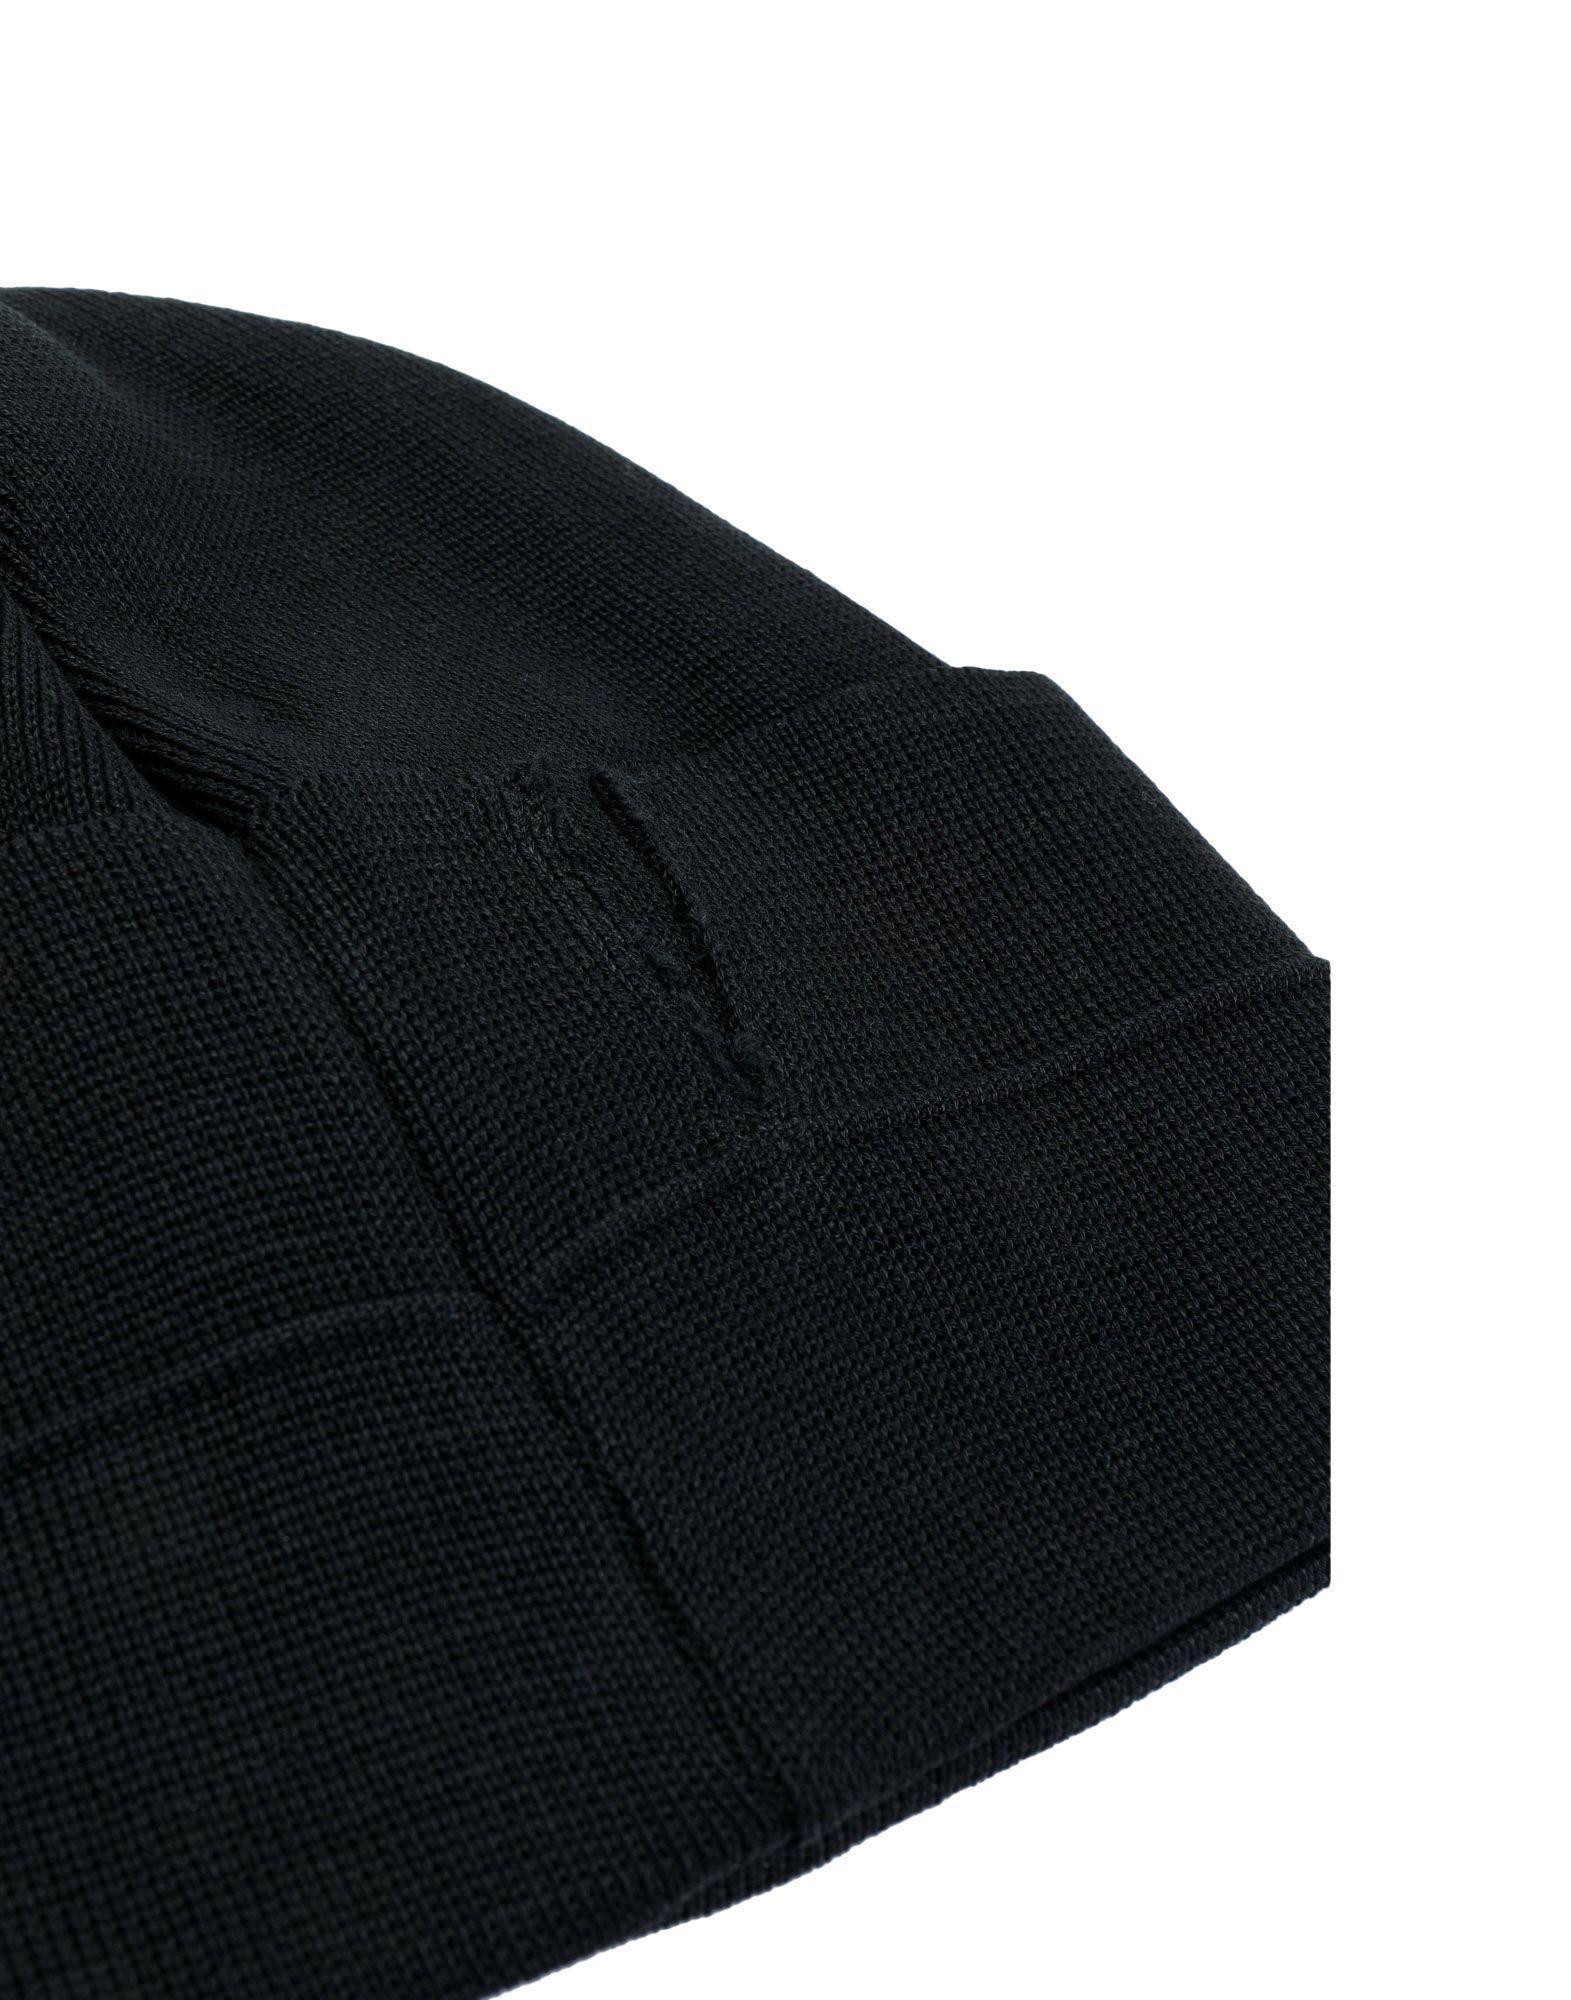 Lyst - Federica Moretti Hat in Black b5b397ea1ac3